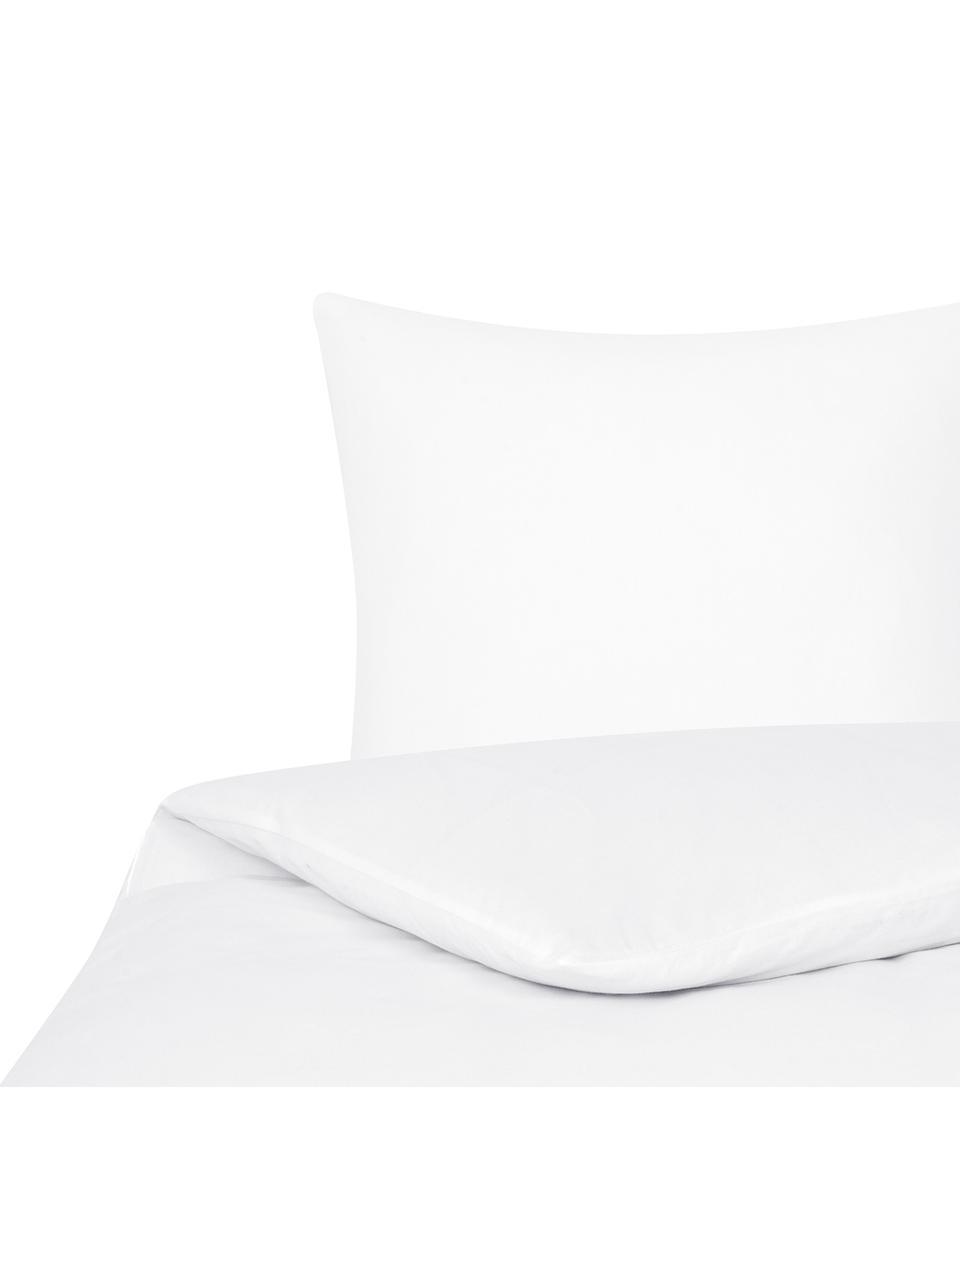 Flanell-Bettwäsche Biba in Weiss, Webart: Flanell Flanell ist ein s, Weiss, 240 x 220 cm + 2 Kissen 80 x 80 cm